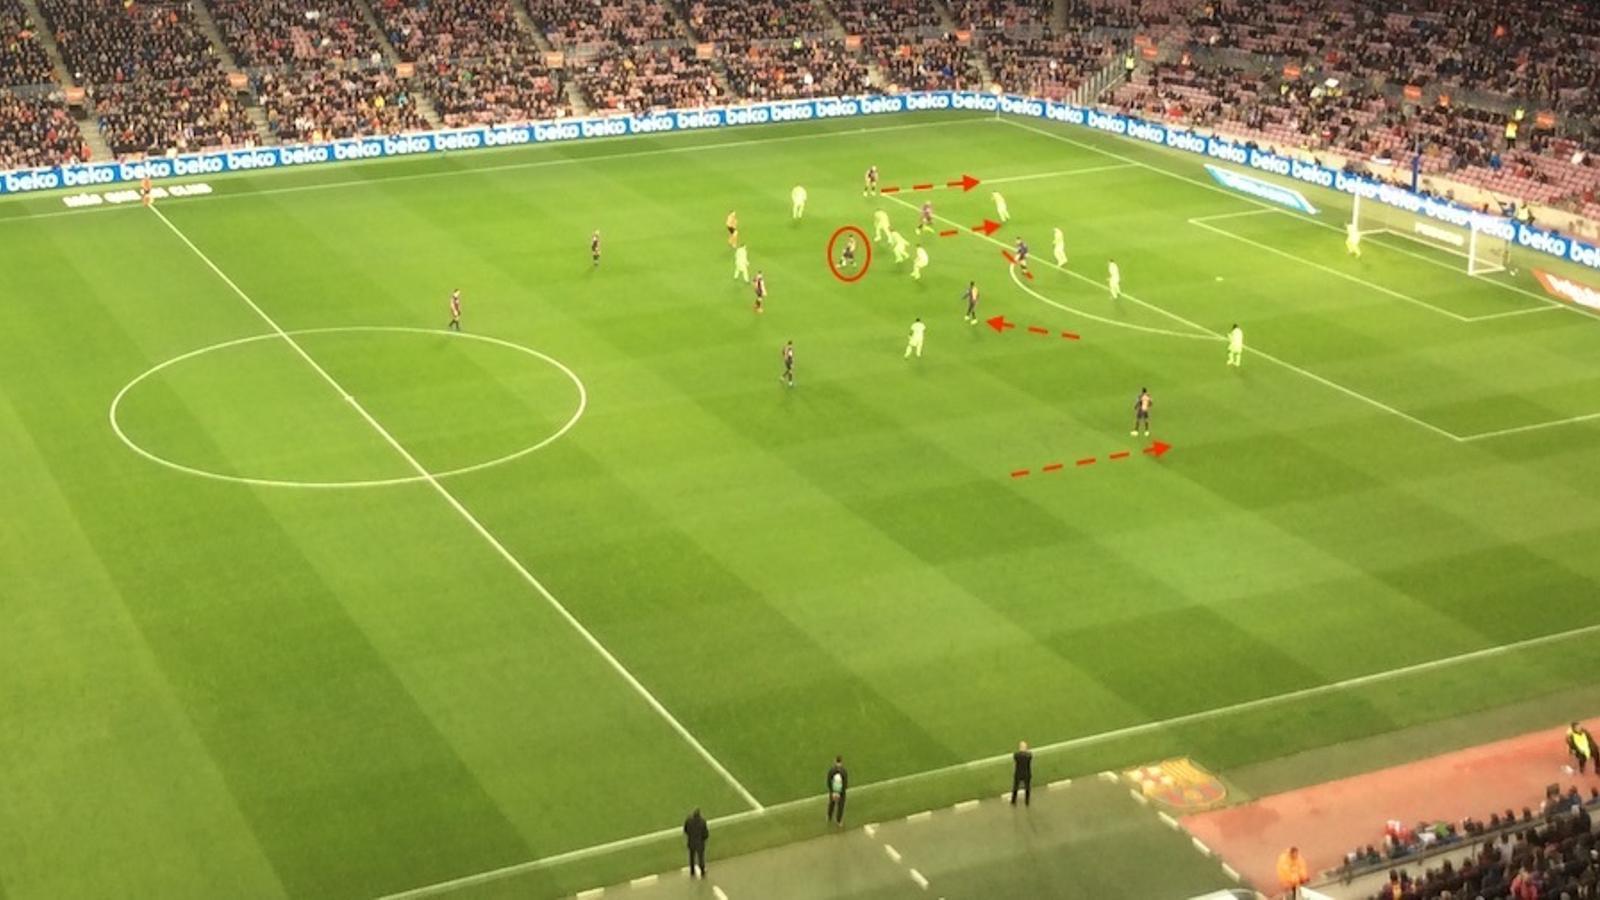 Fins a cinc jugadors es mouen per davant de Messi